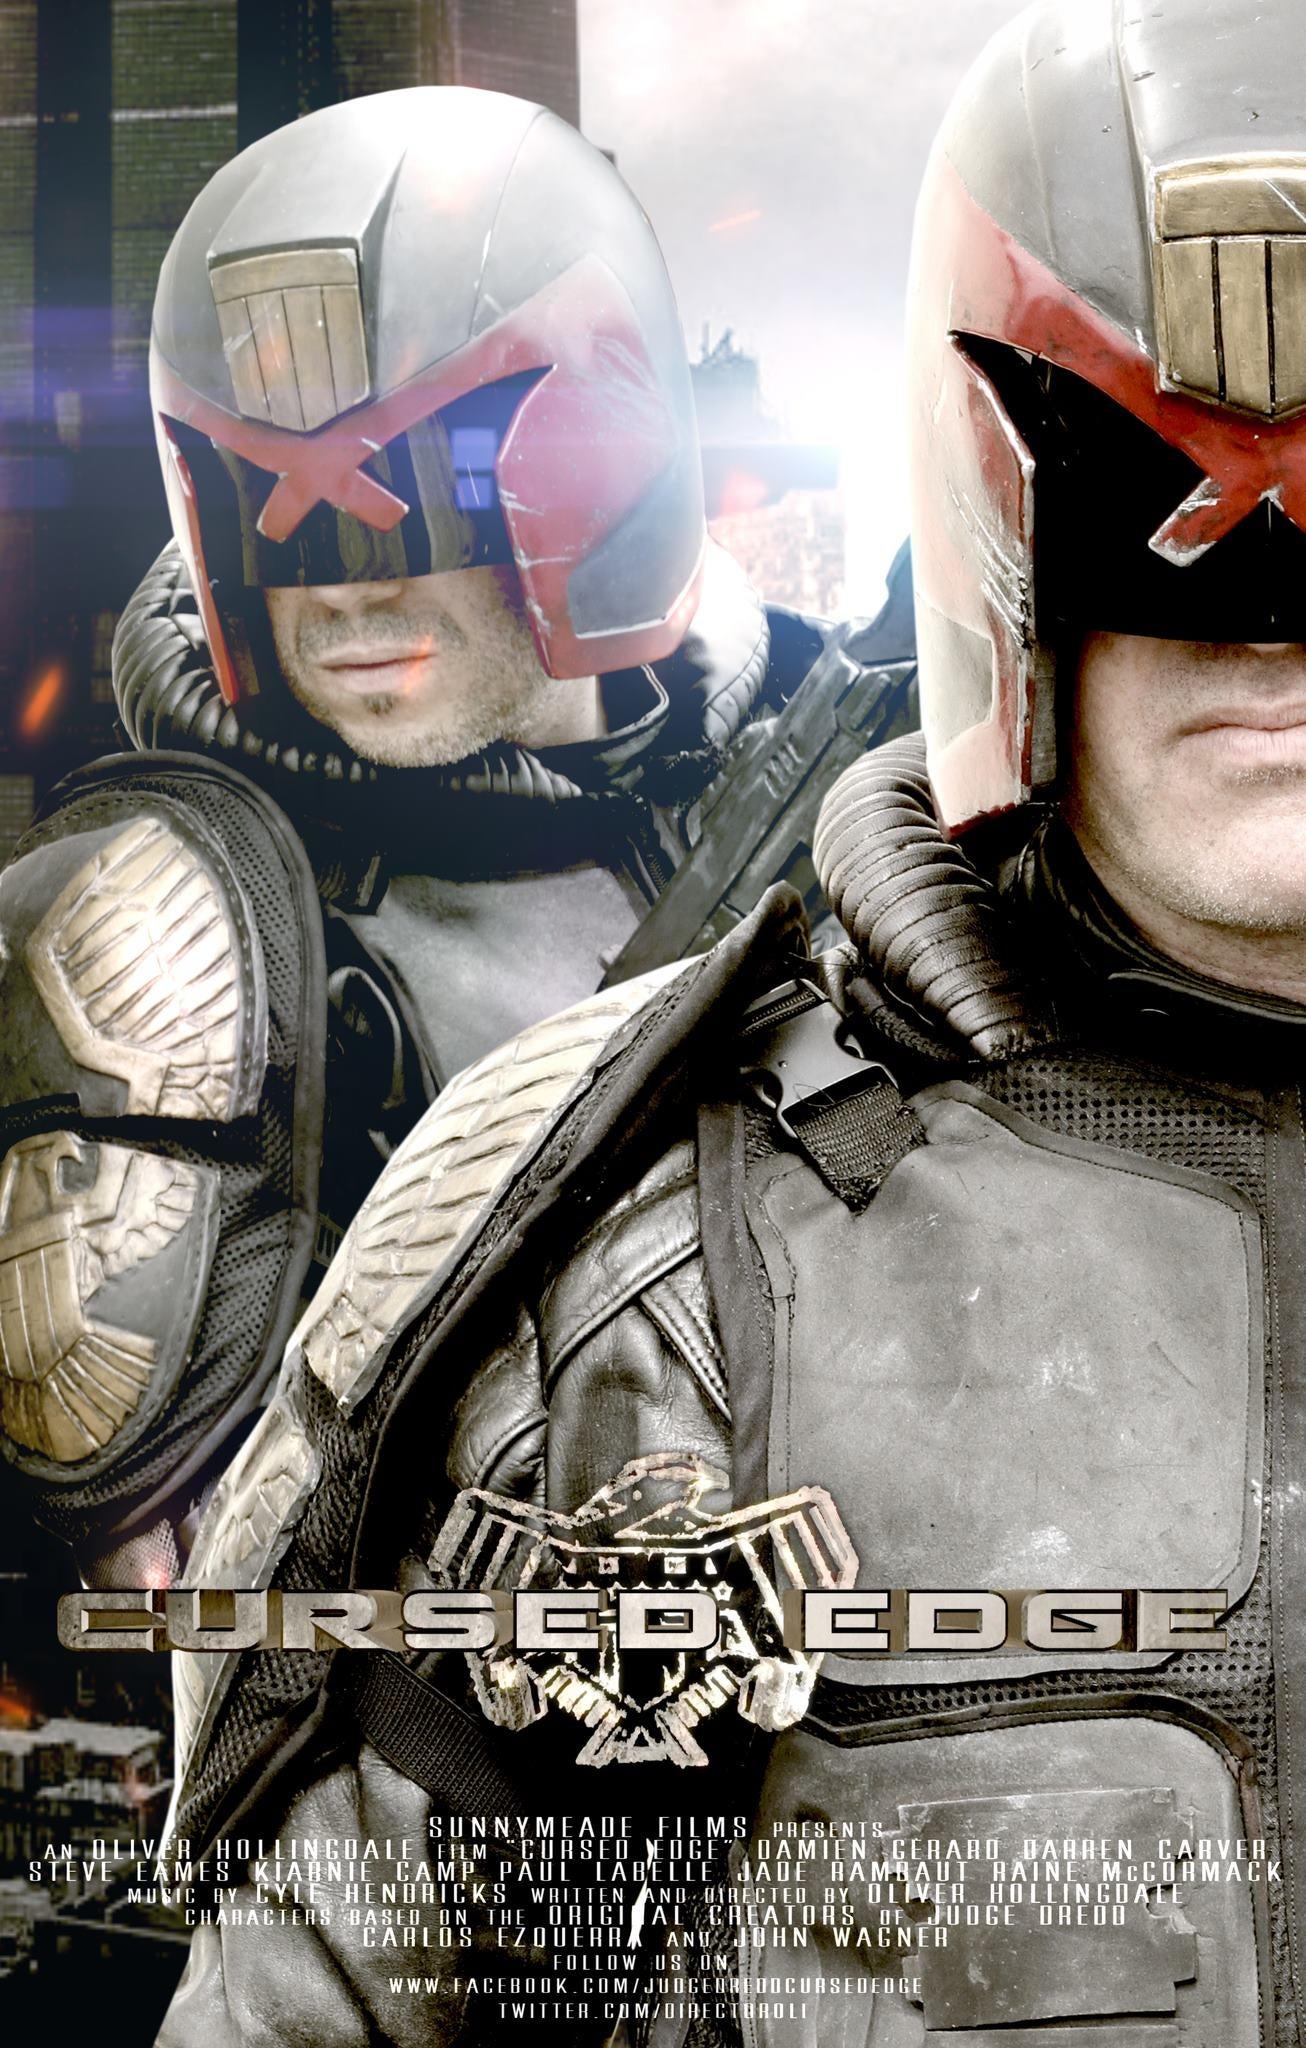 Judge-Dredd-Cursed-Edge